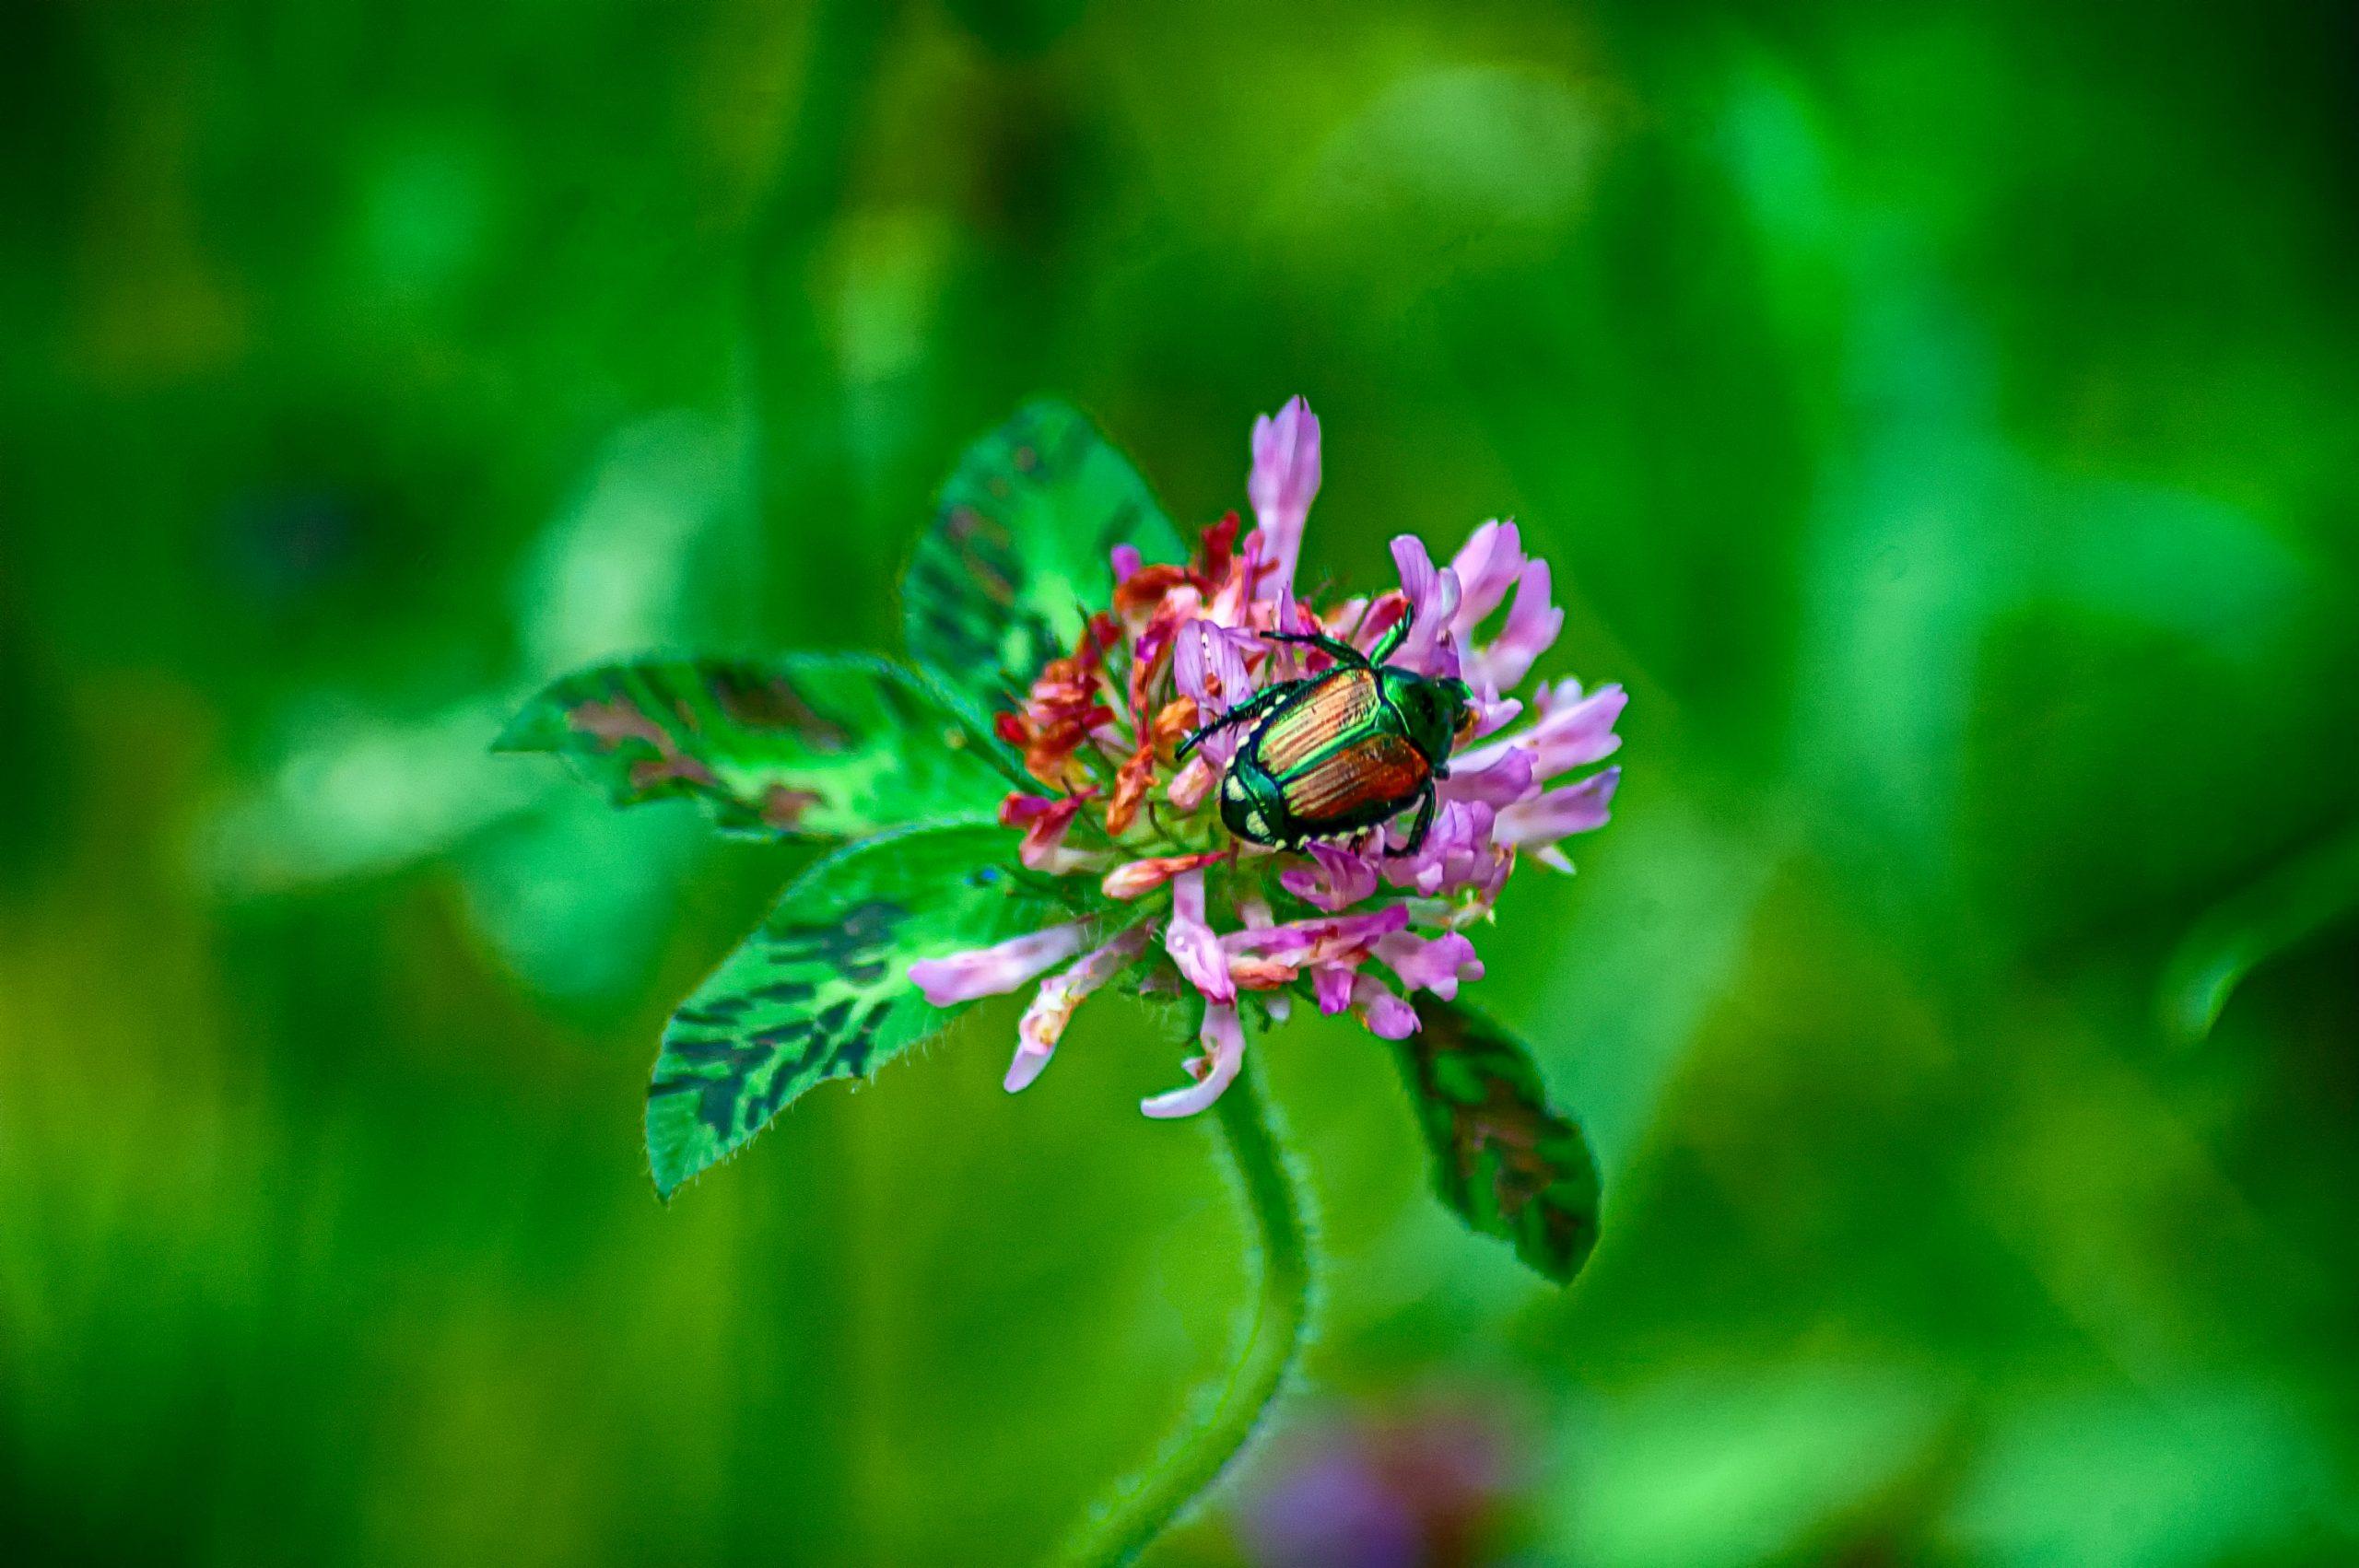 Shiny green beetle